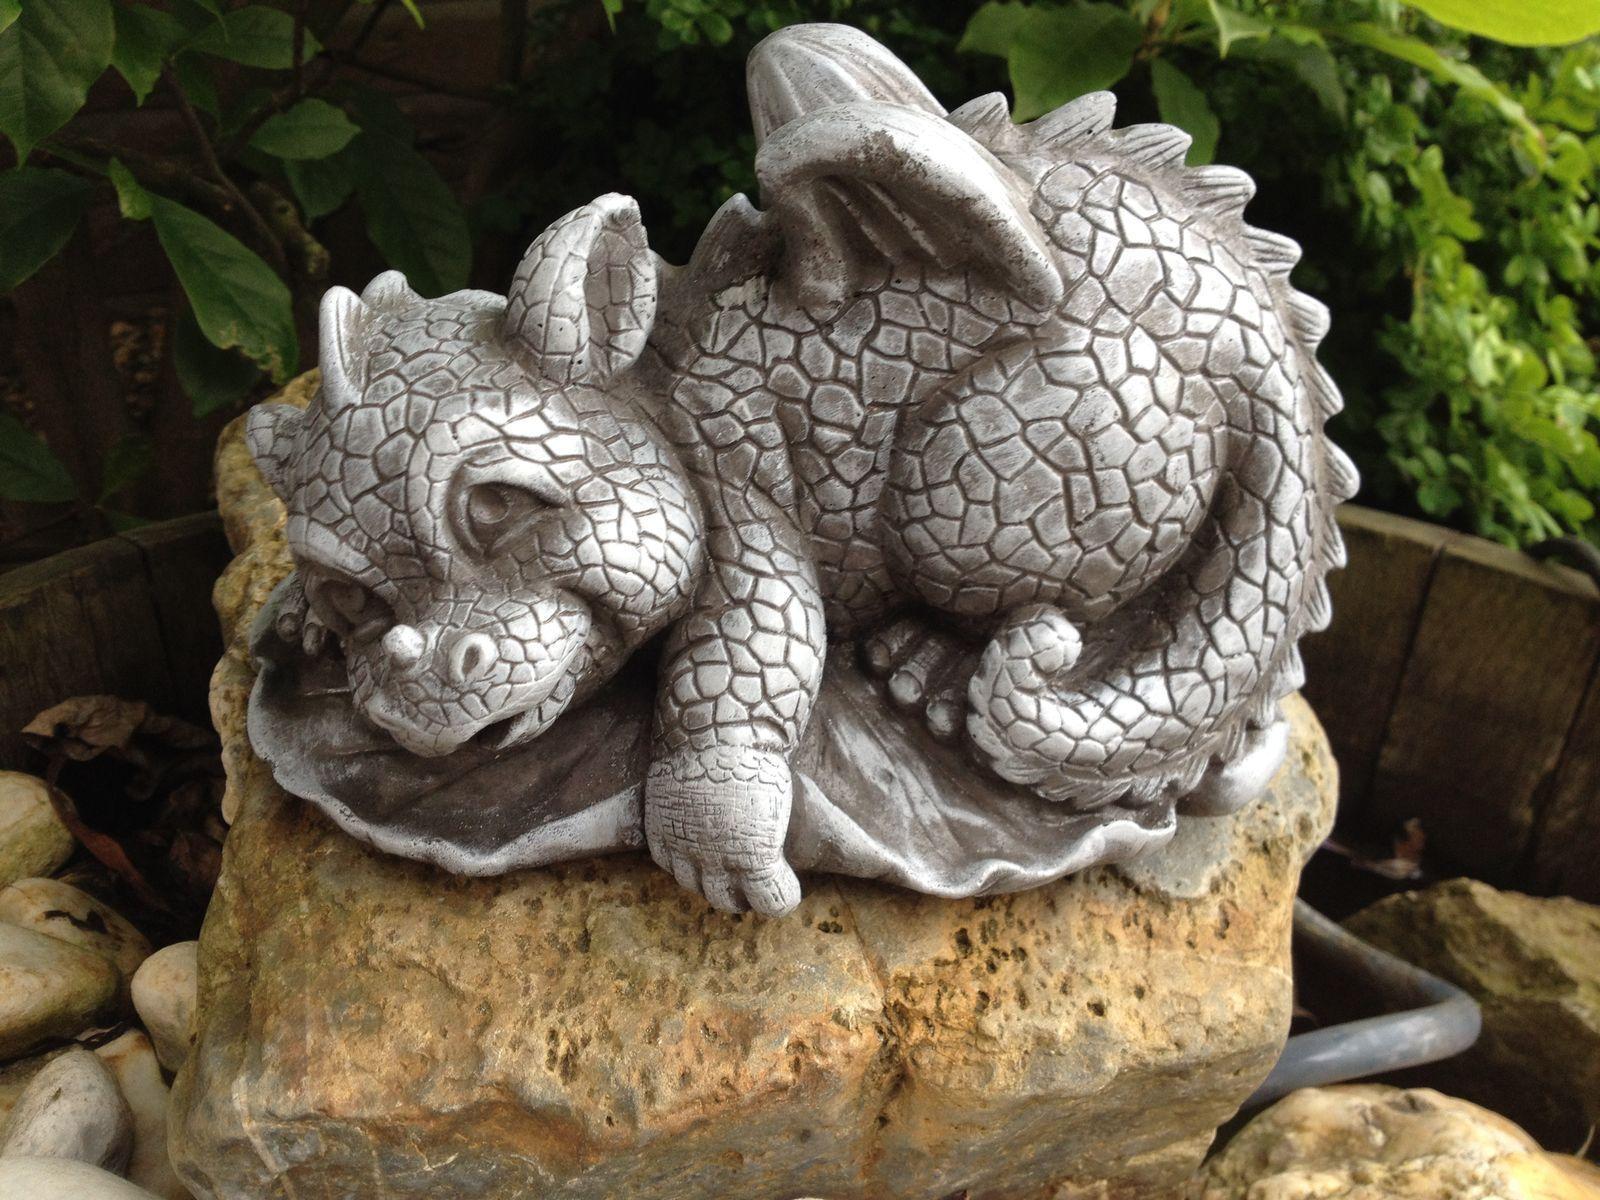 Садовые фигуры своими руками: пошаговые мастер-классы по изготовлению из различных материалов